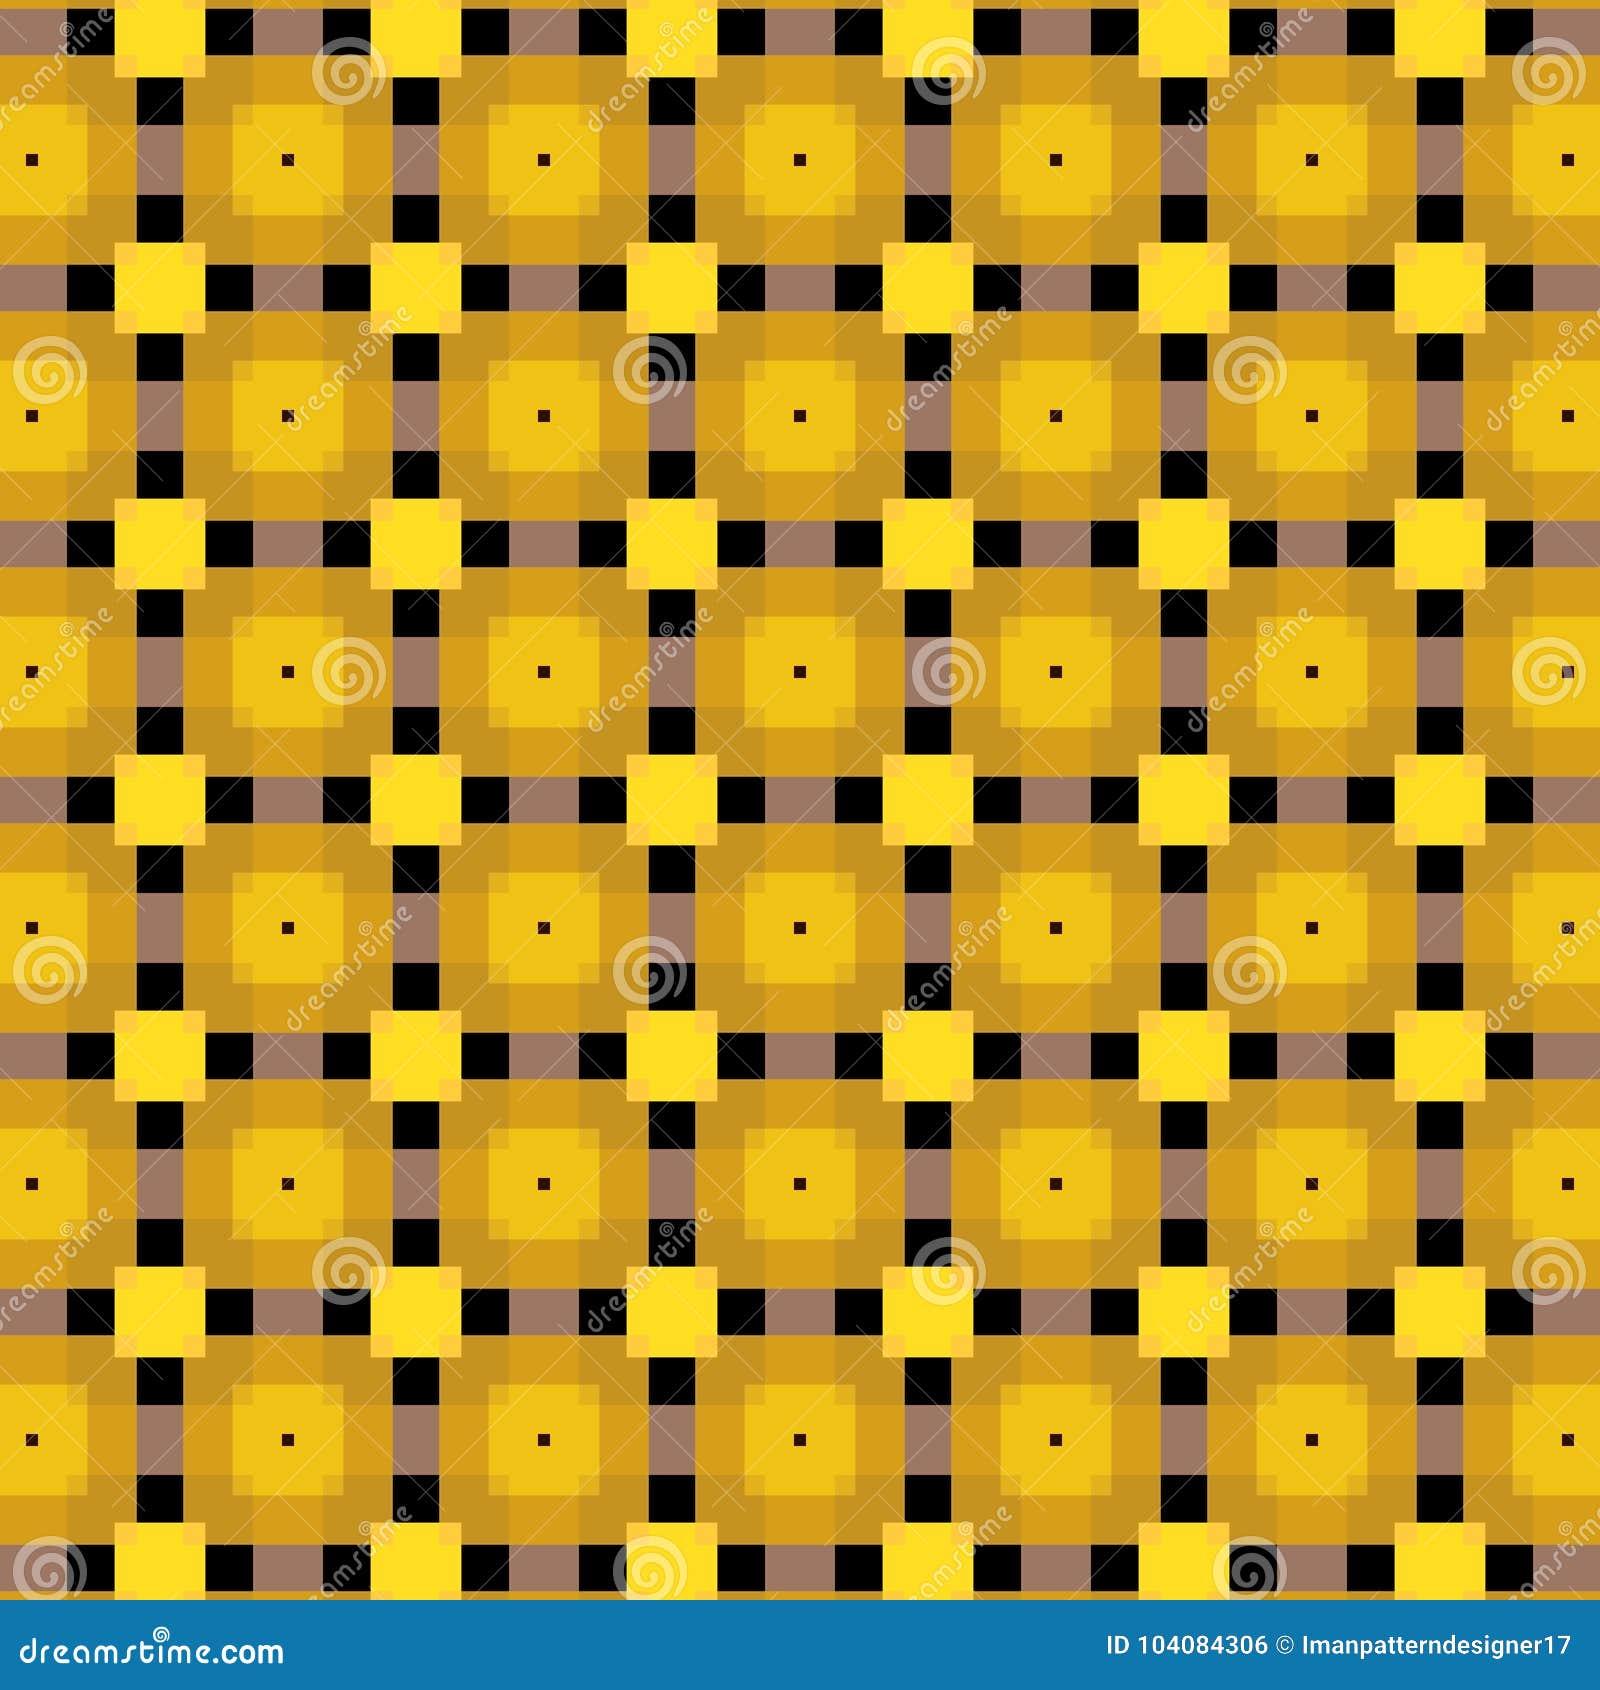 Mooi gouden gekleurd vierkant en zwart lijnen vectorpatroon met transprencygevolgen